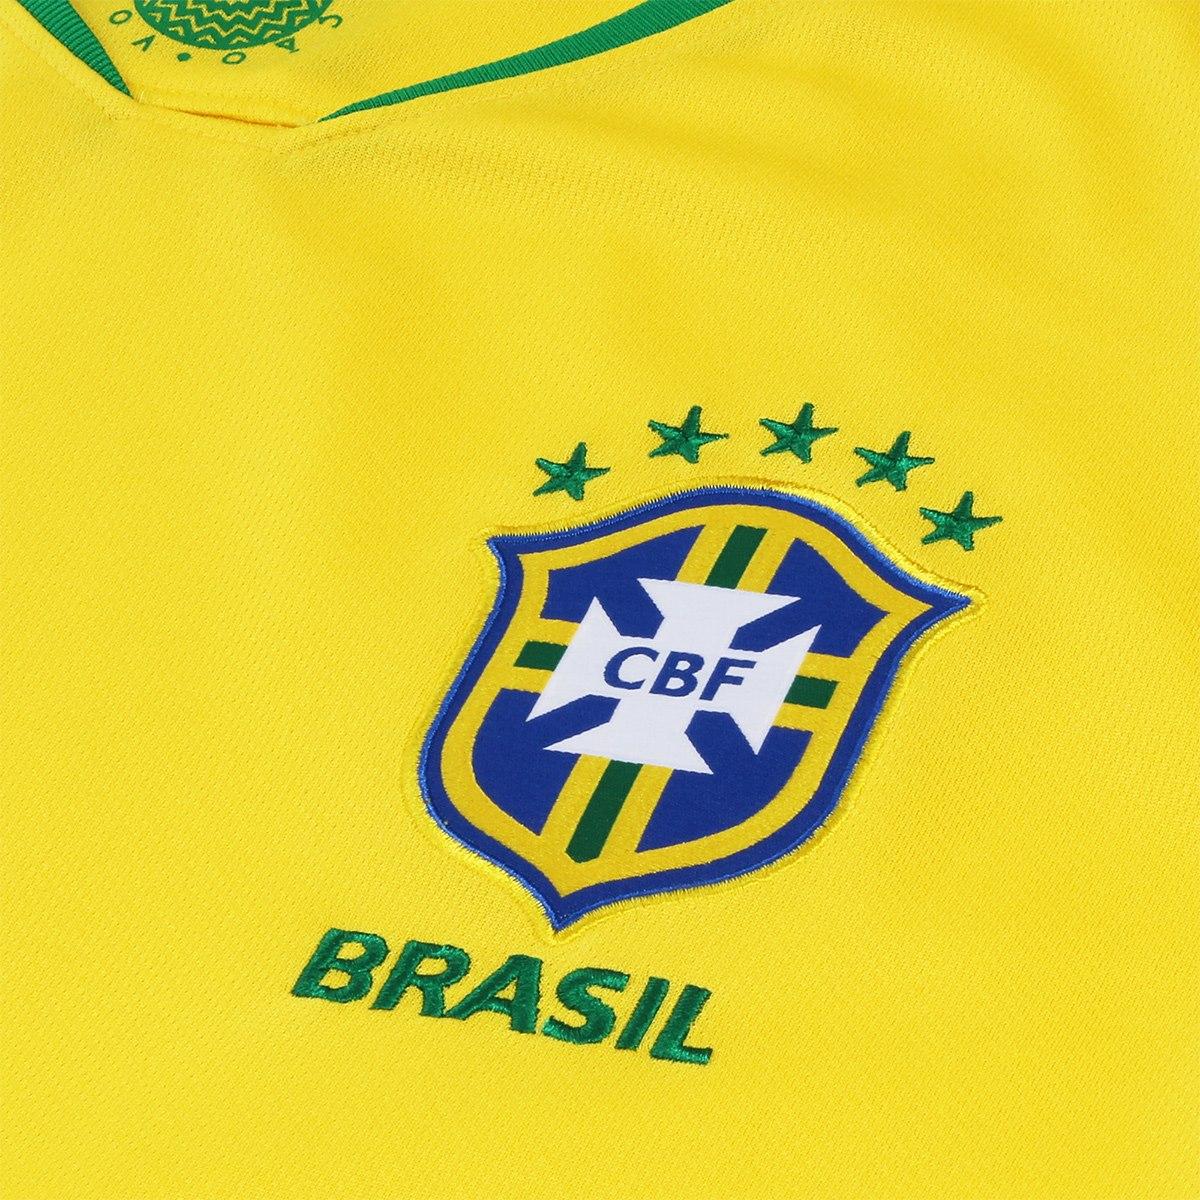 Camisa Seleção Brasileira I 2018 - Futebol Cia - Paixao por Futebol ! 108b6fabb51c3